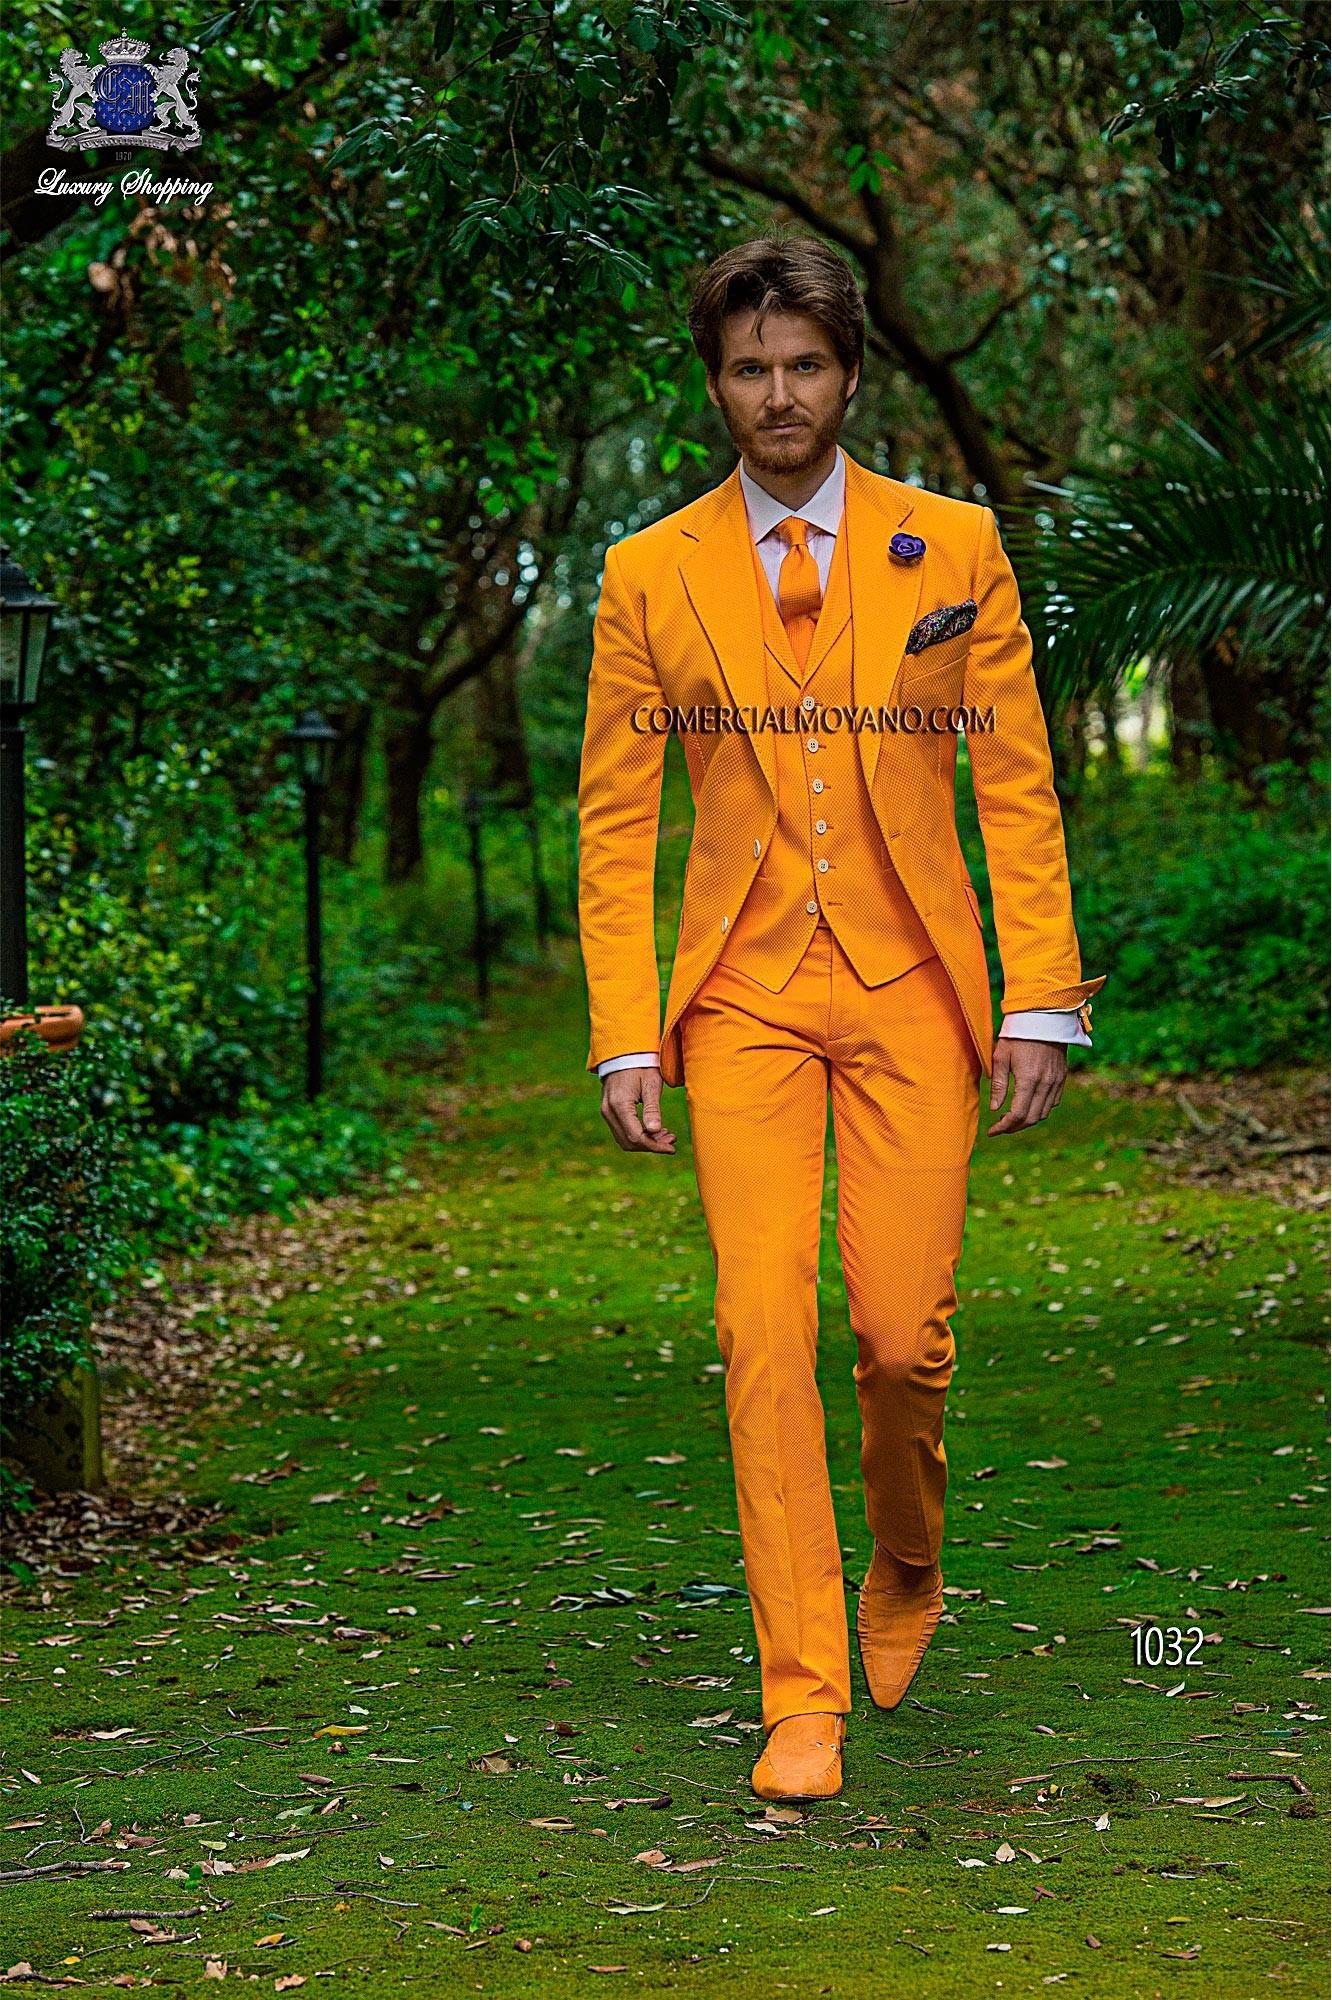 Traje de novio Hipster naranja modelo: 1032 Ottavio Nuccio Gala colección Hipster